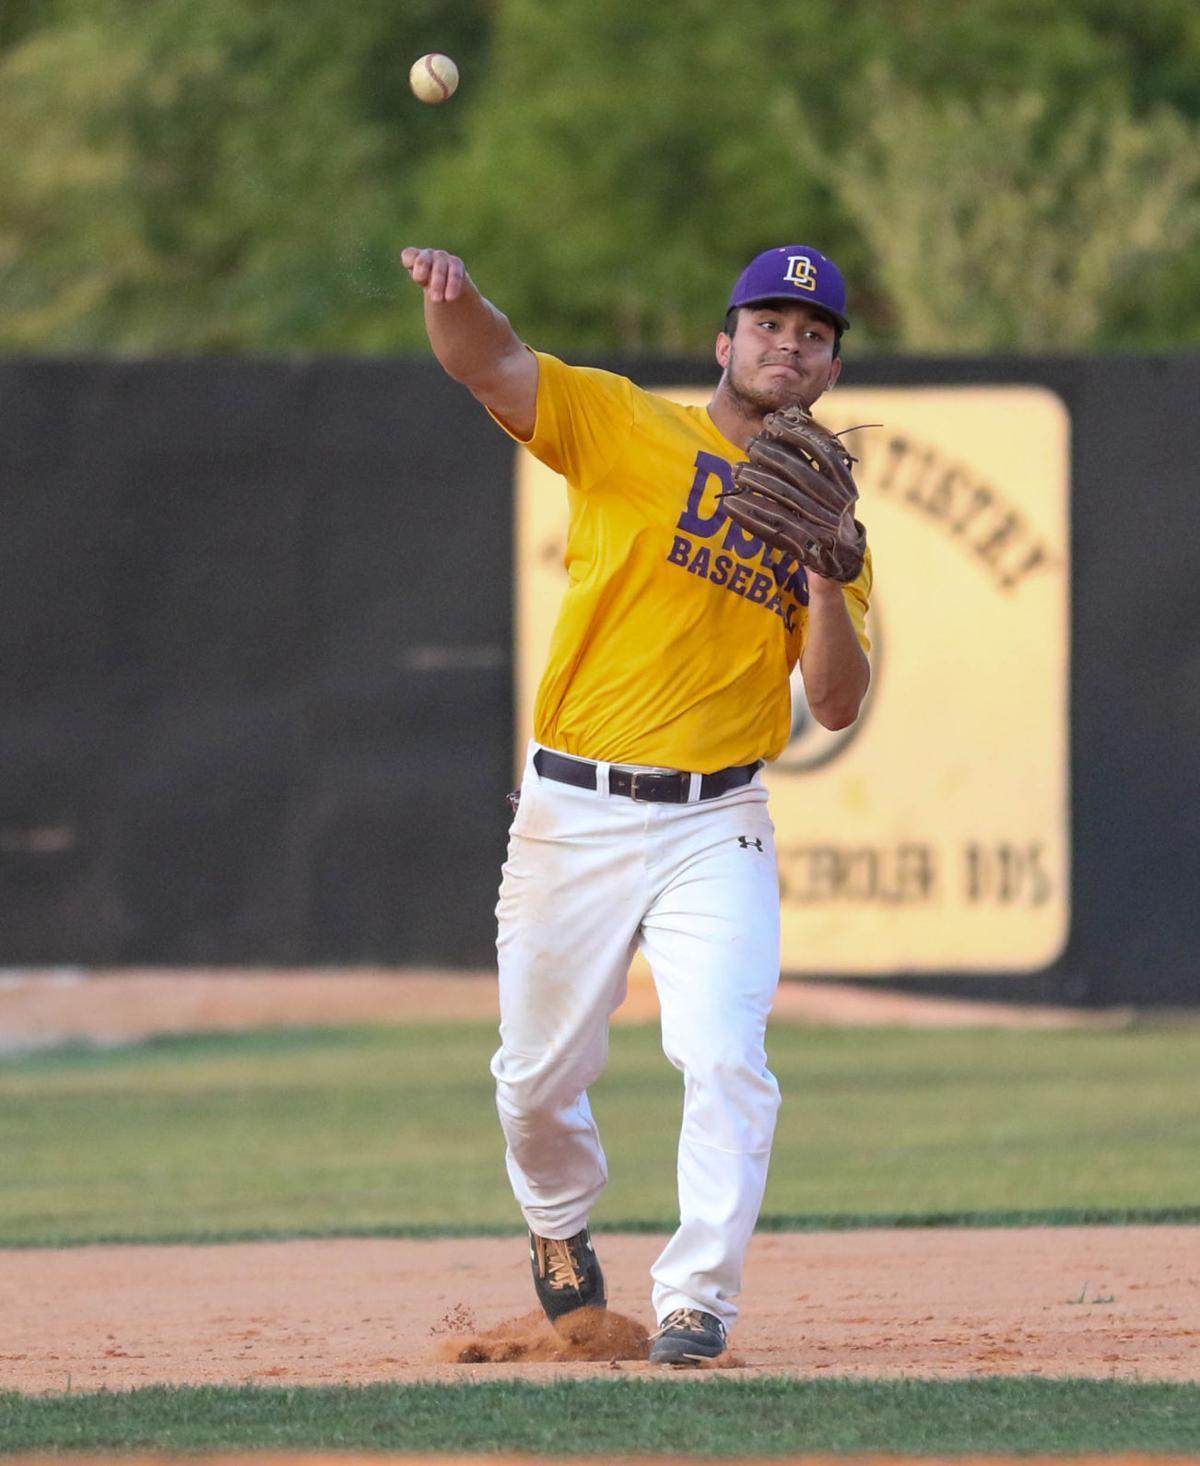 Denham-Dunham baseball Noah Juan